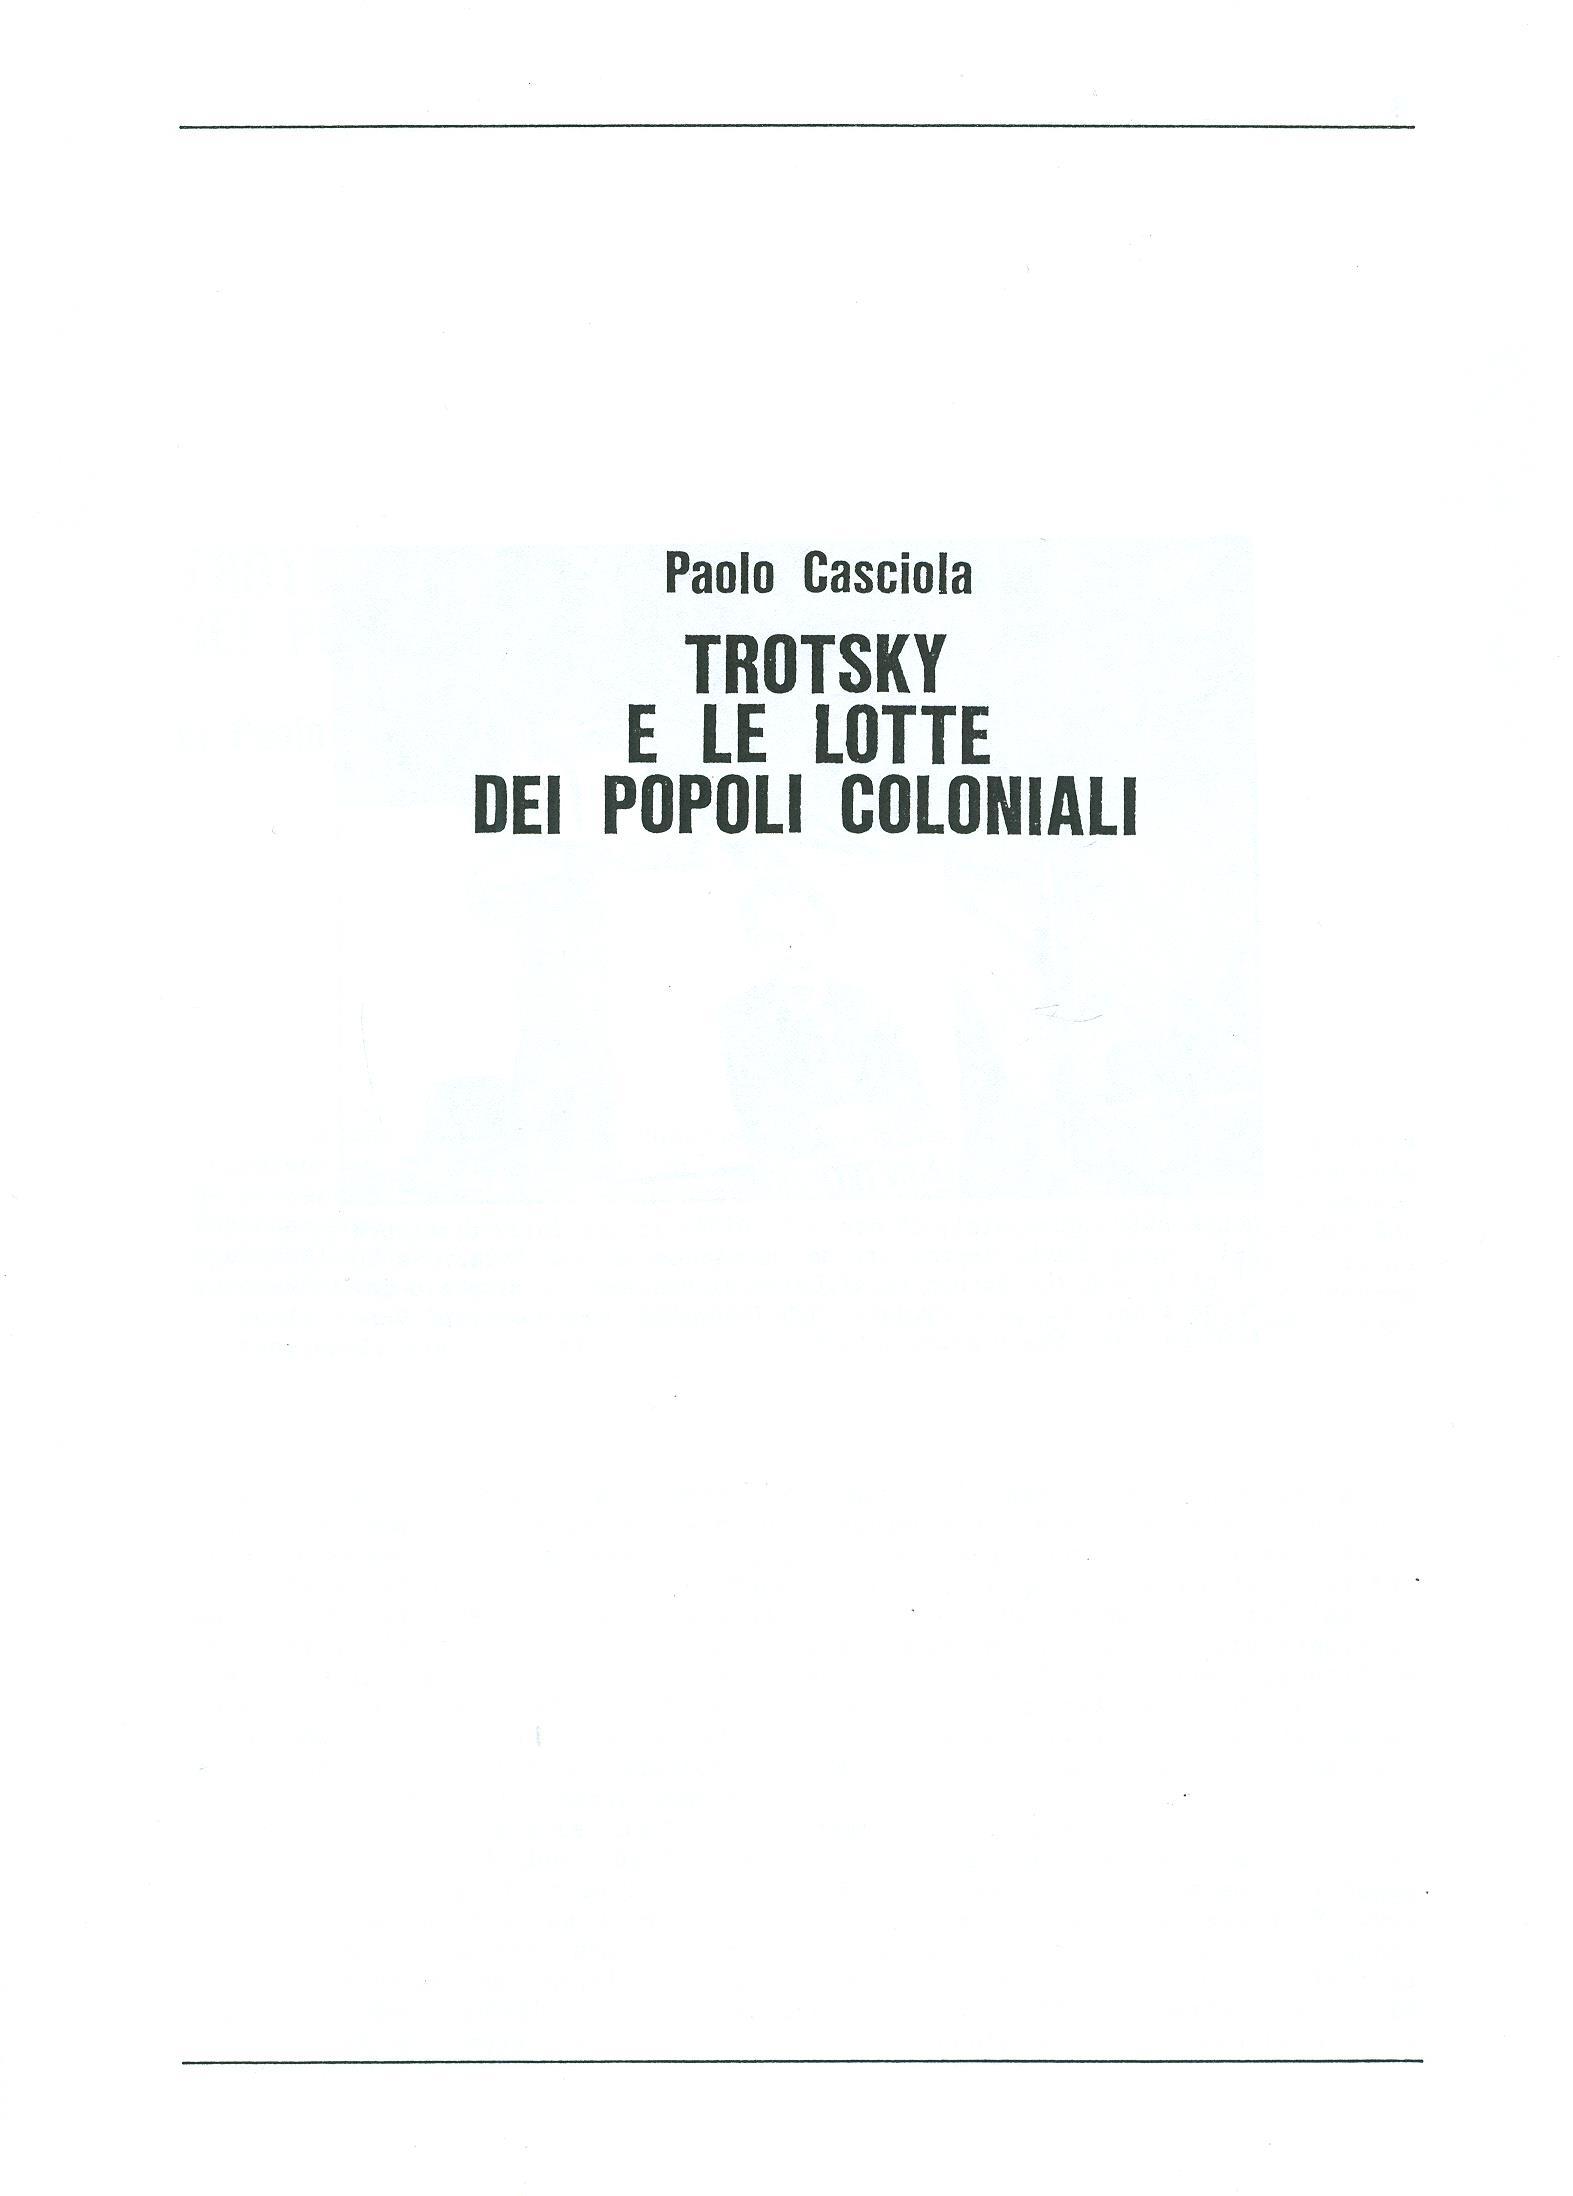 Studi e Ricerche n. 18 (aprile 1990) - pag. 1